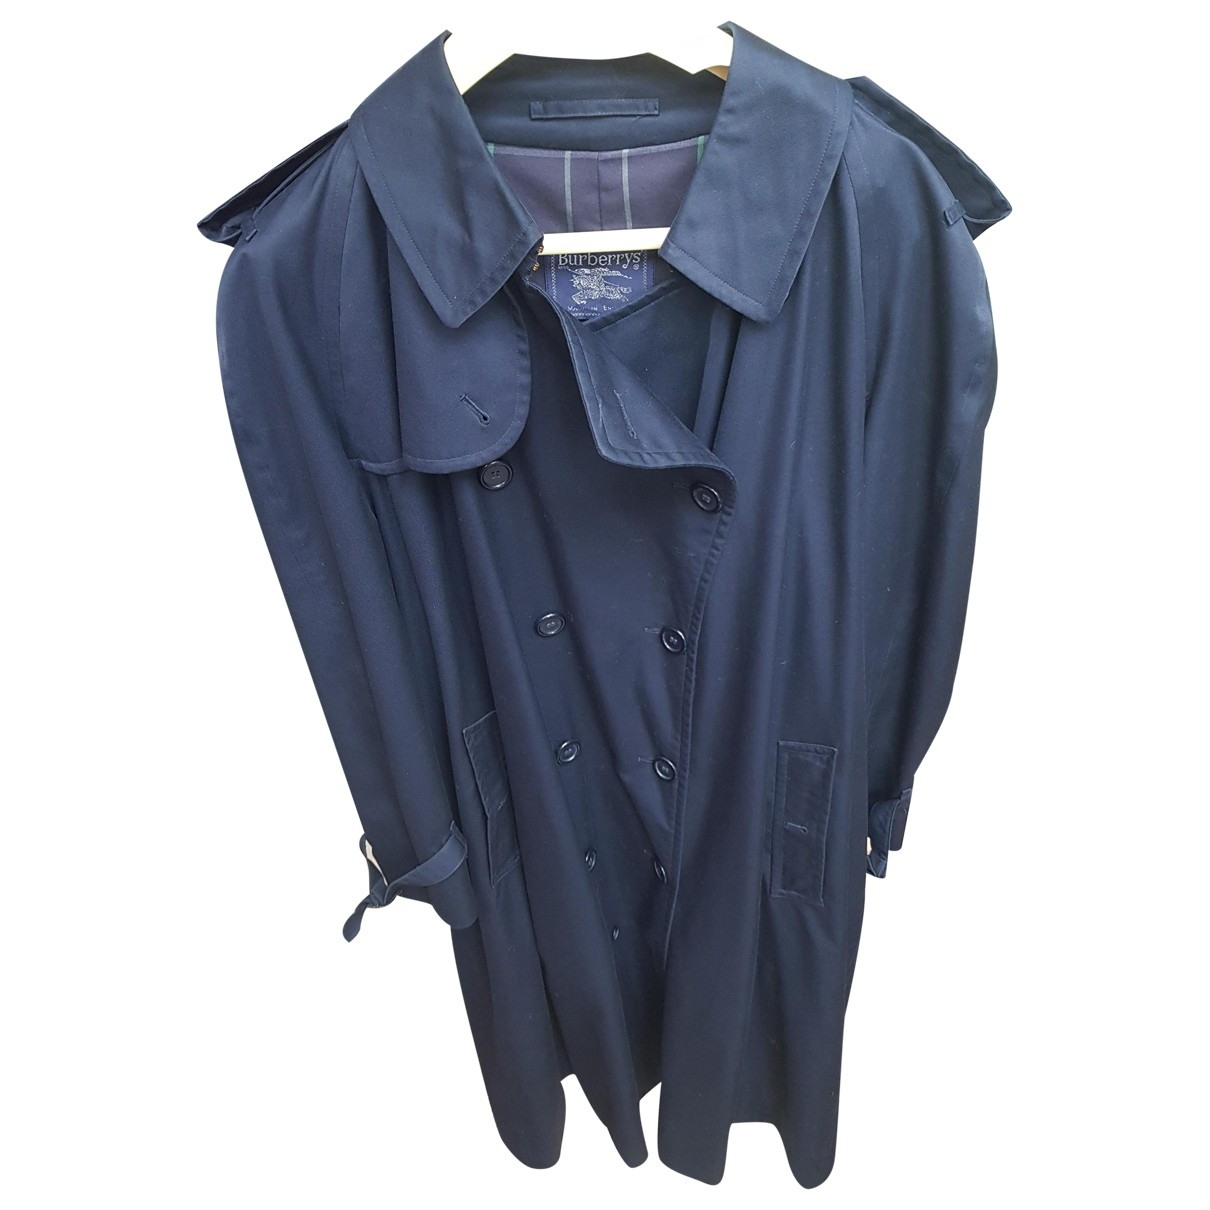 Burberry - Vestes.Blousons   pour homme en coton - gris